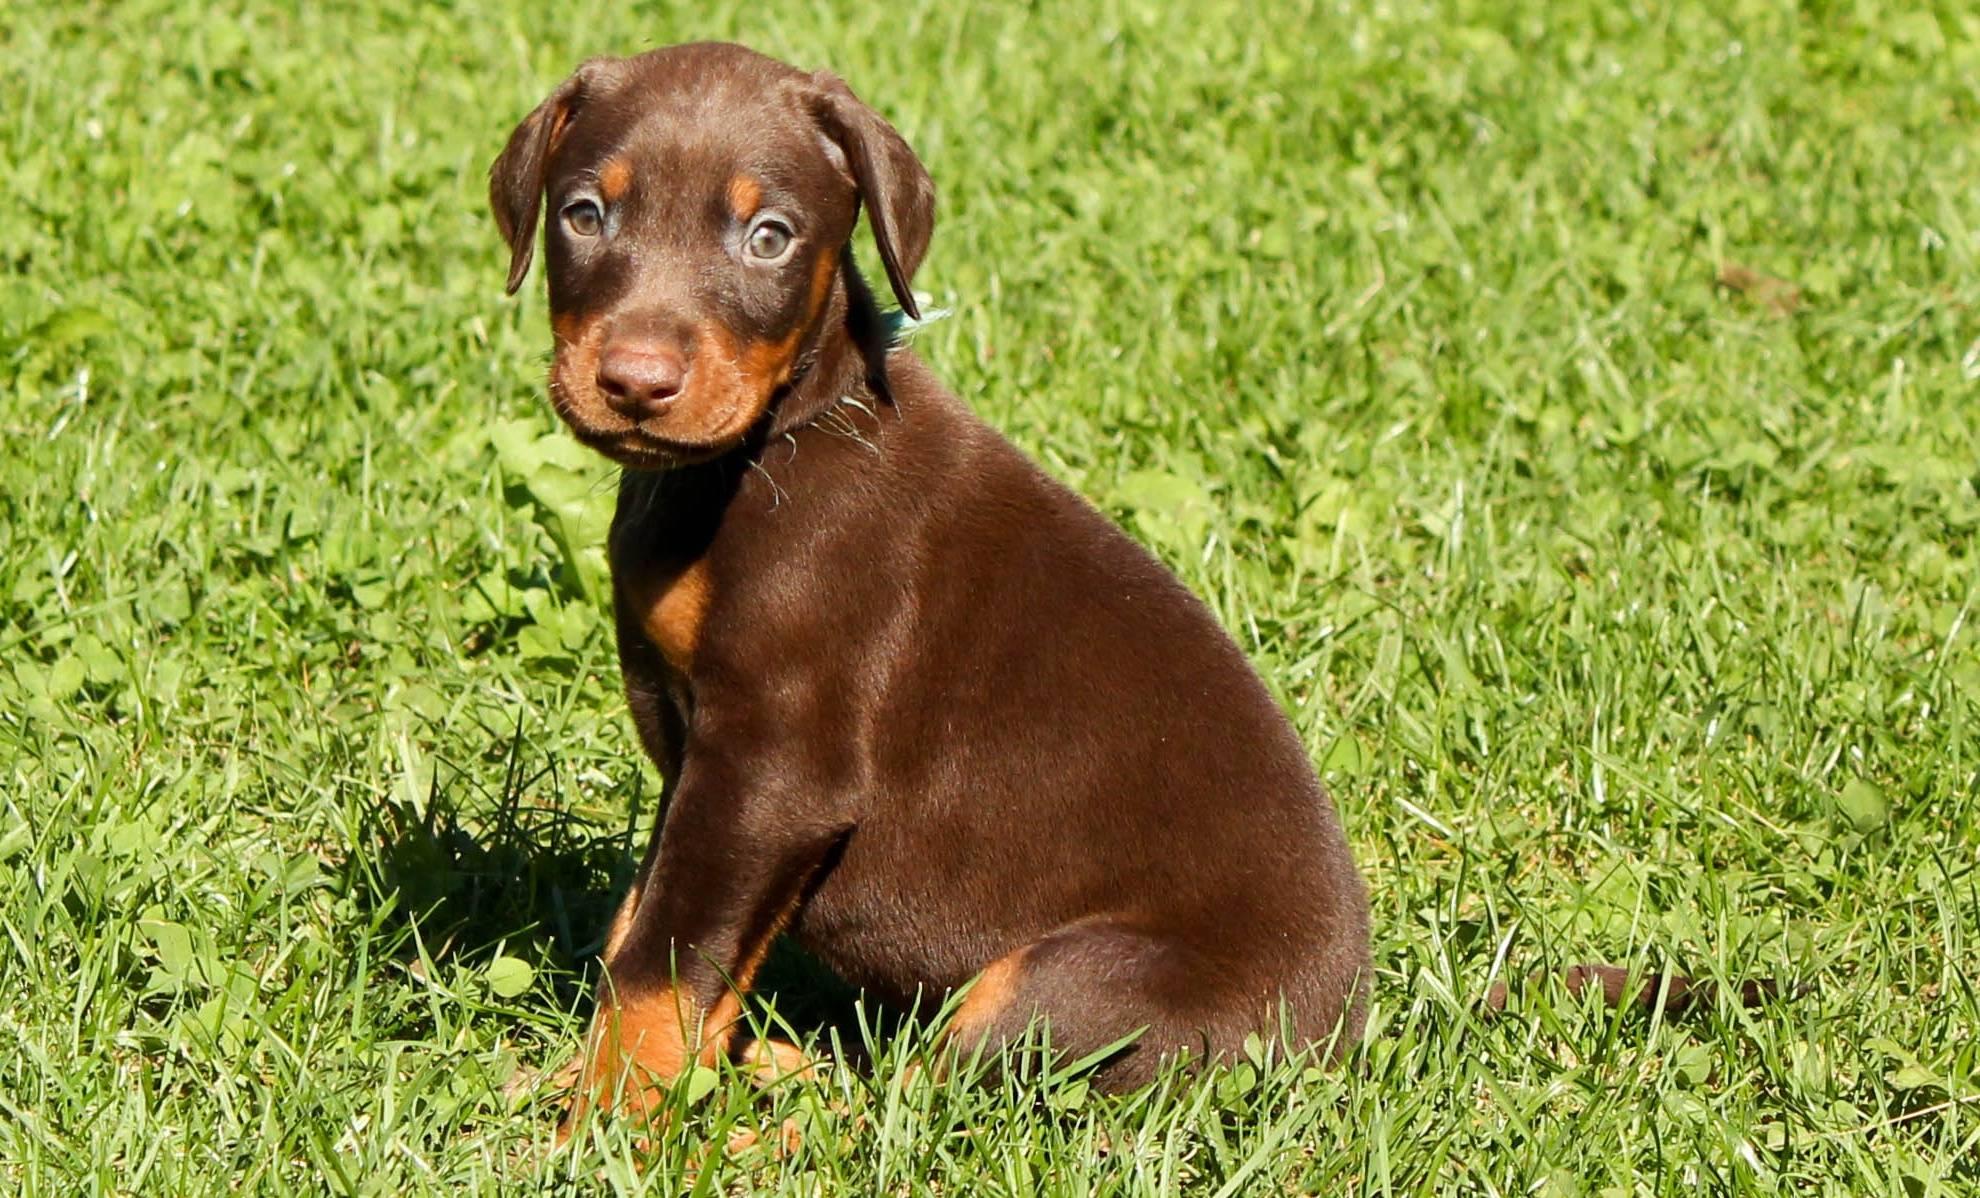 Как назвать маленького кобеля, прикольные клички для маленьких собак мальчиков породы шпиц